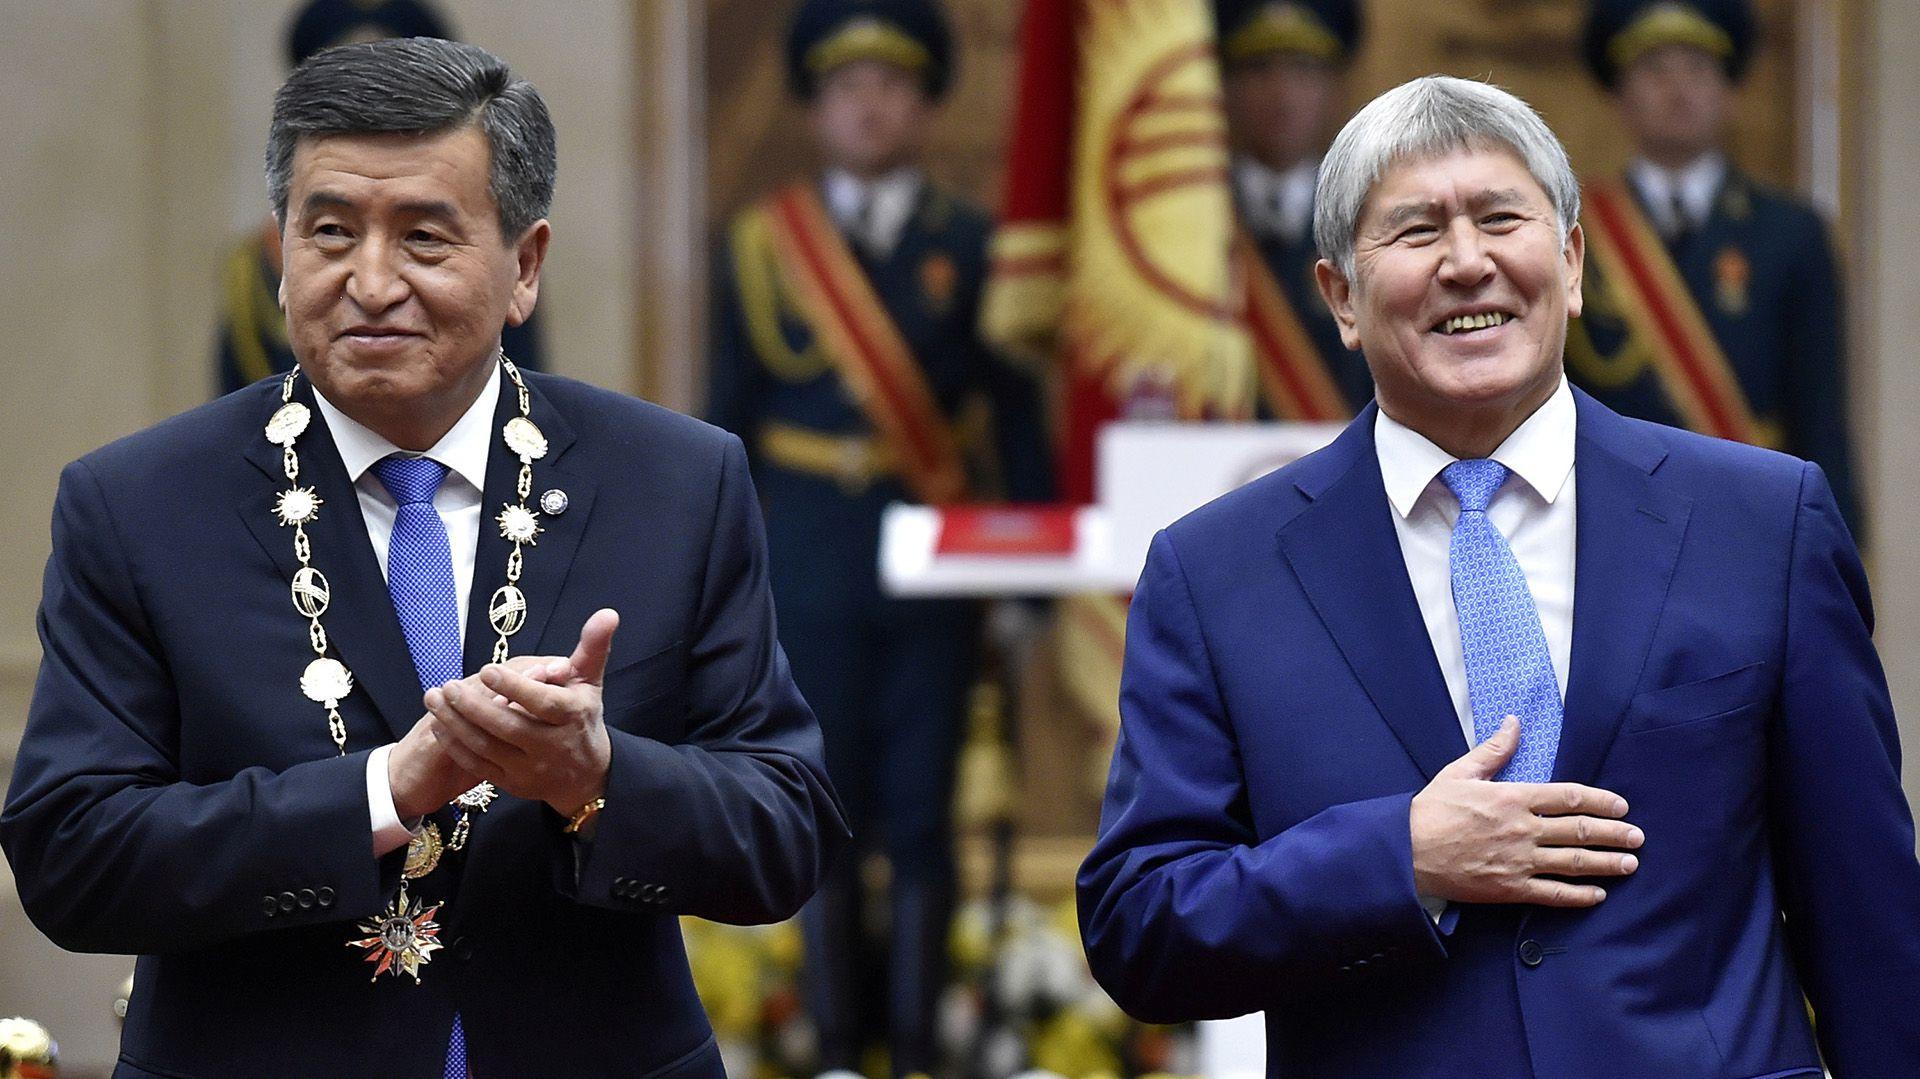 El presidente de Kirguistán, Sooronbai Jeenbekov (izq.), aplaude durante su ceremonia de investidura, junto a ex presidente Almazbek Atambayev en una foto del 24 de noviembre de 2017 (REUTERS/Vyacheslav Oseledko/archivo)